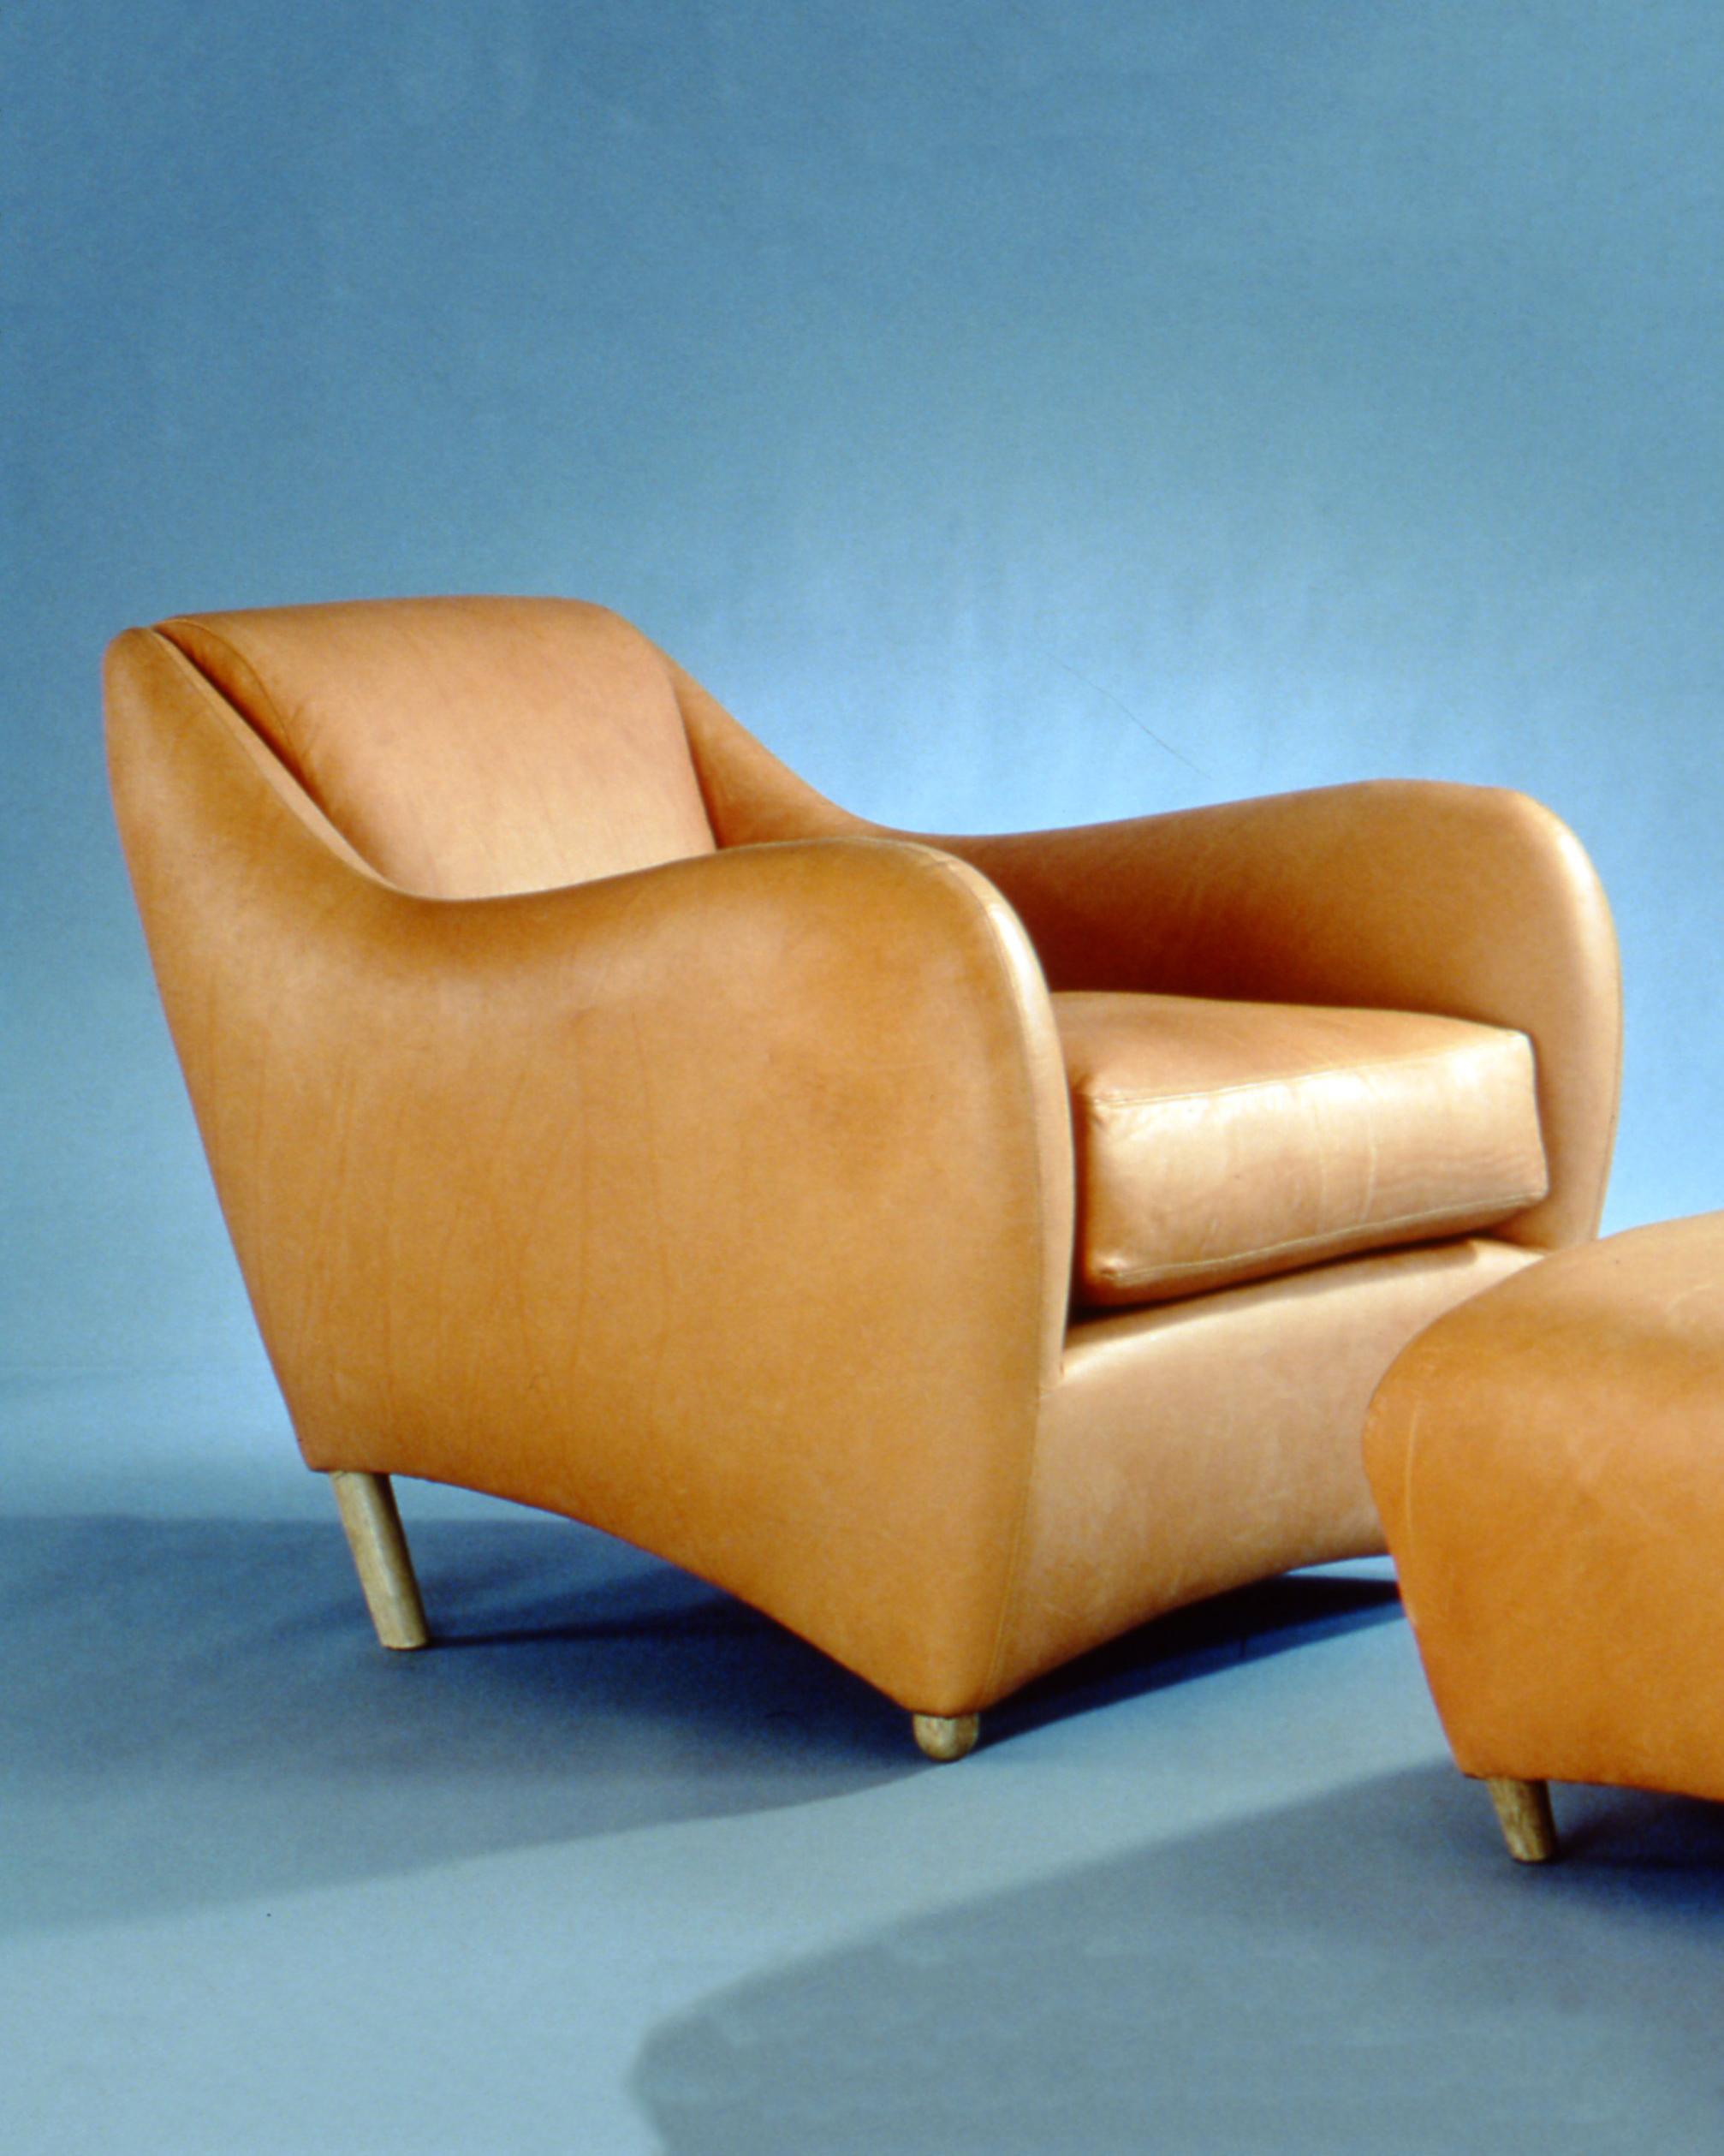 1990-s_early-studio-shoo_balzac-armchair-and-ottoman